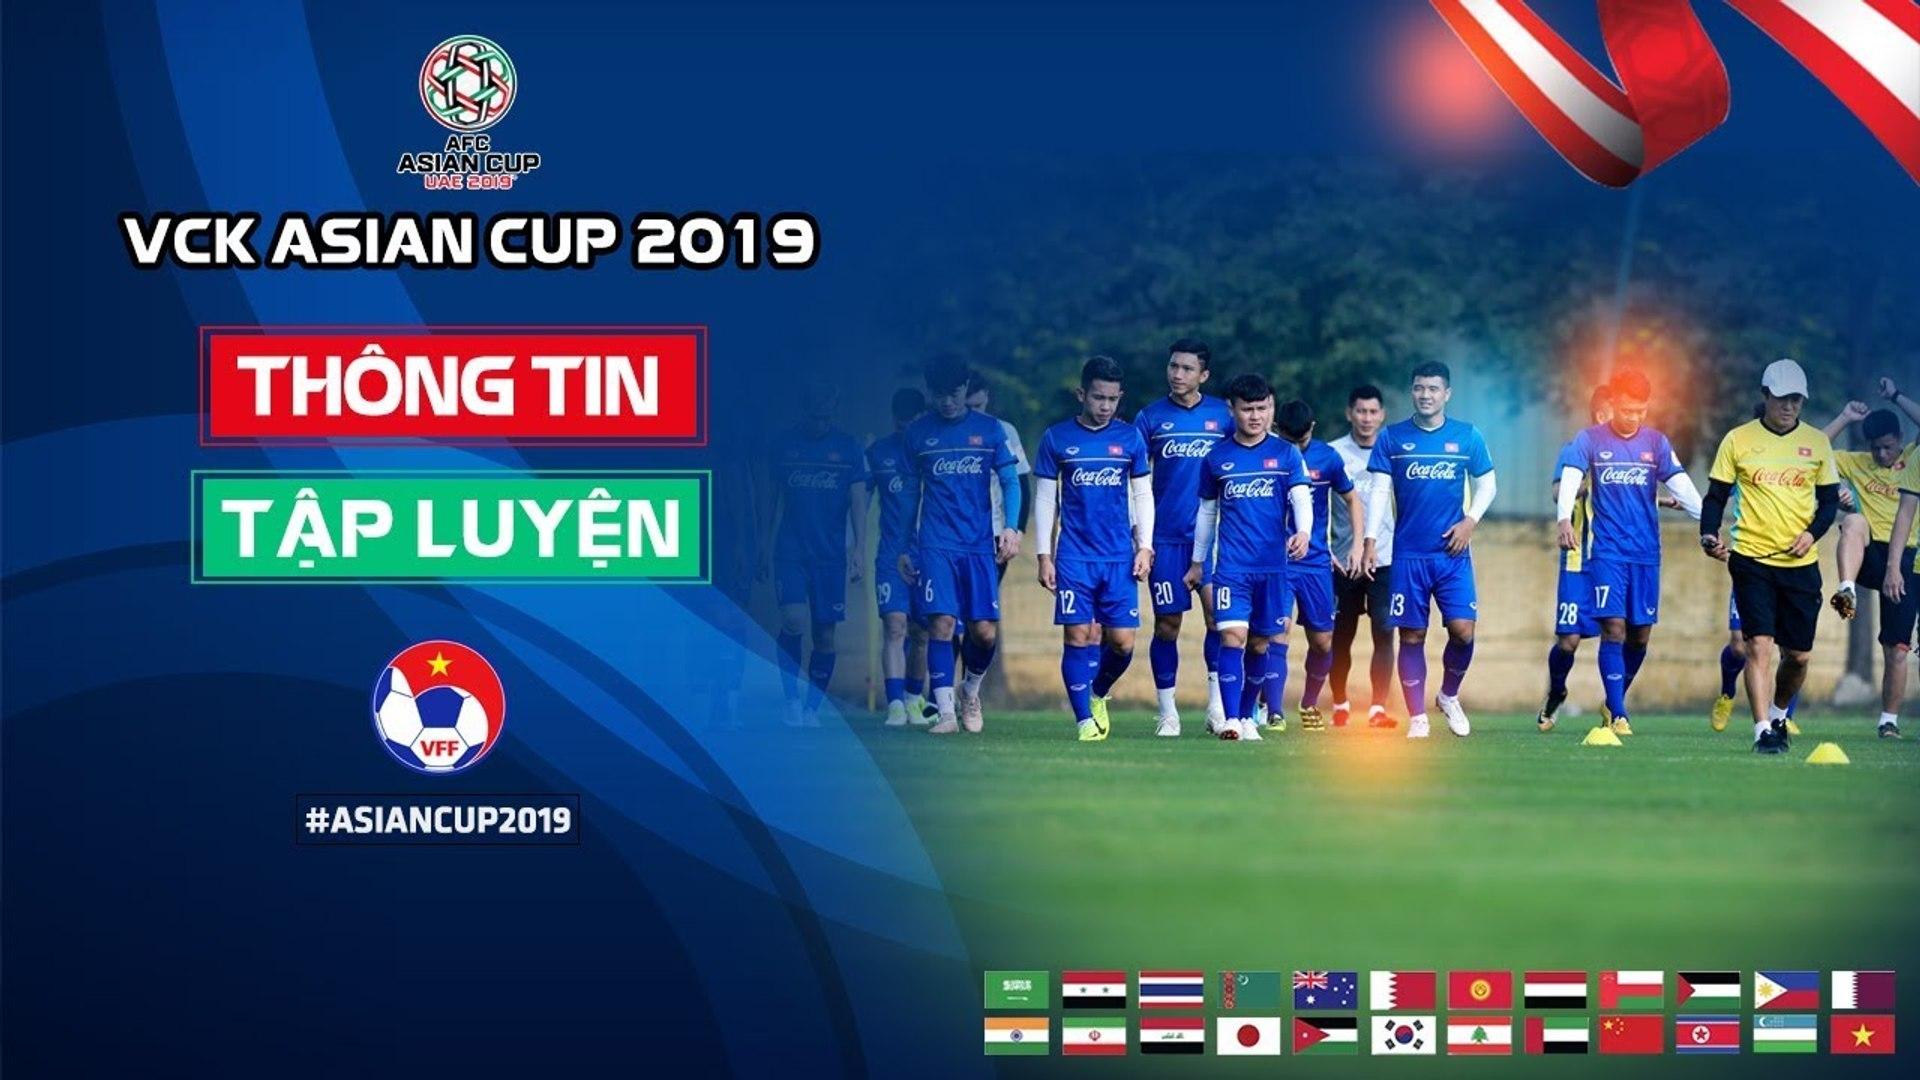 ĐT Việt Nam bước vào buổi tập đầu tiên sau AFF Cup 2018 | VFF Channel